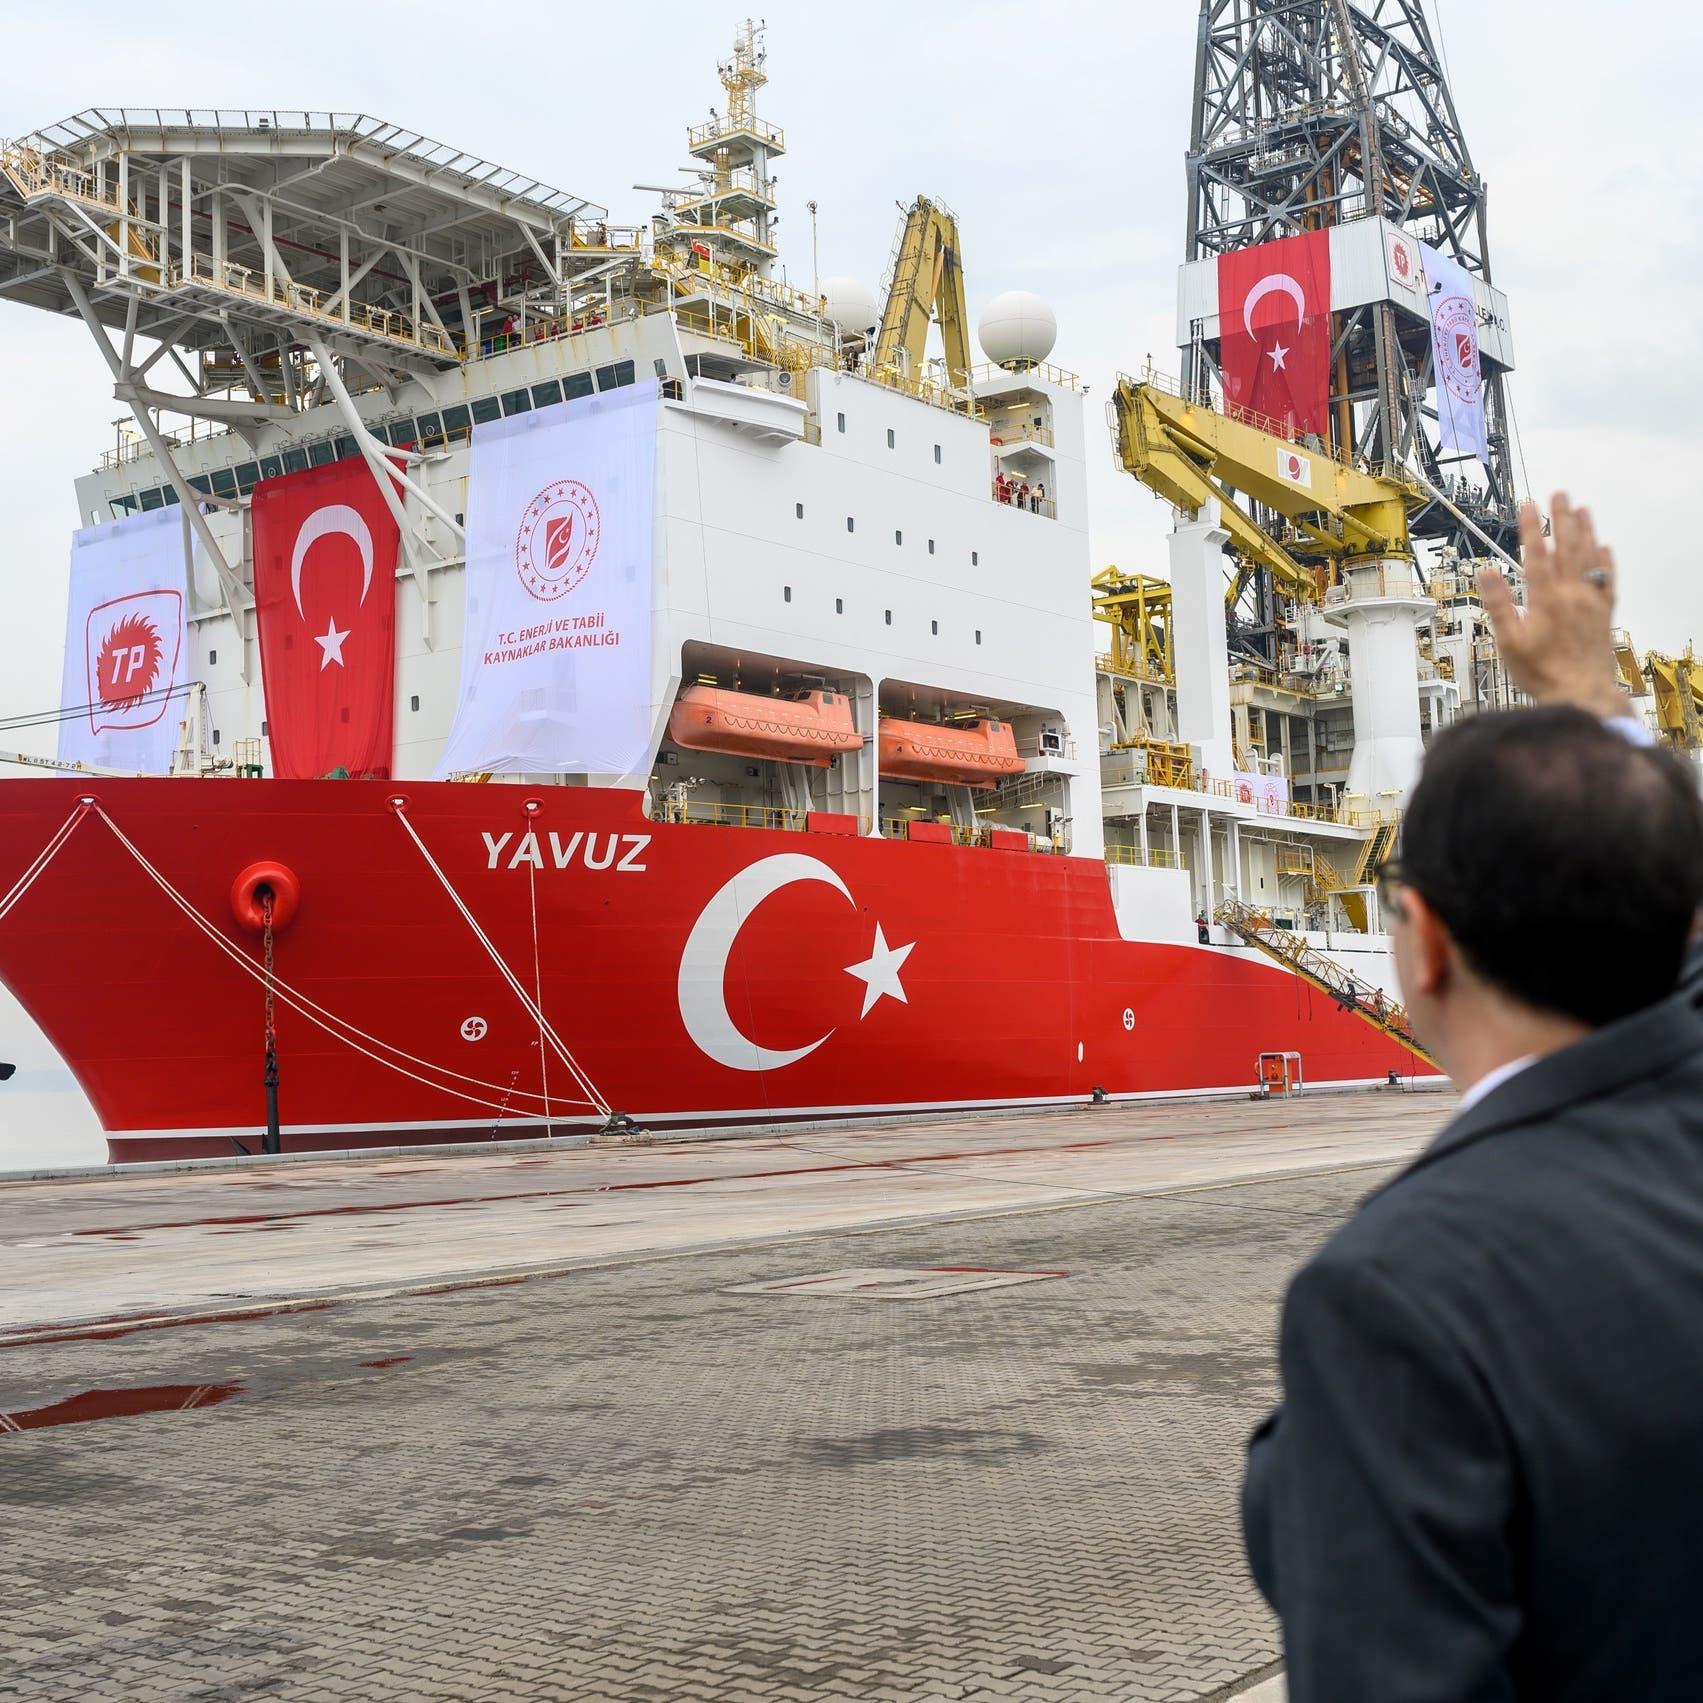 3 طائرات وسفينة.. تركيا تواصل ضخ السلاح إلى ليبيا